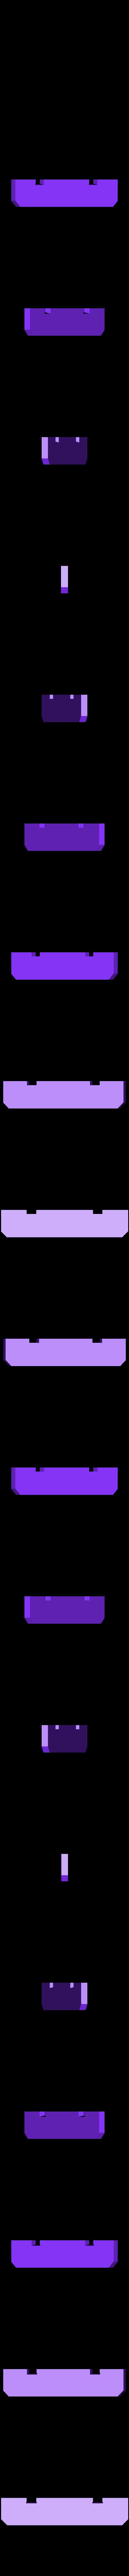 wing support b.stl Télécharger fichier STL gratuit 1991 Mazda 787B 3d Voiture RC imprimée de 1991 • Objet à imprimer en 3D, brett